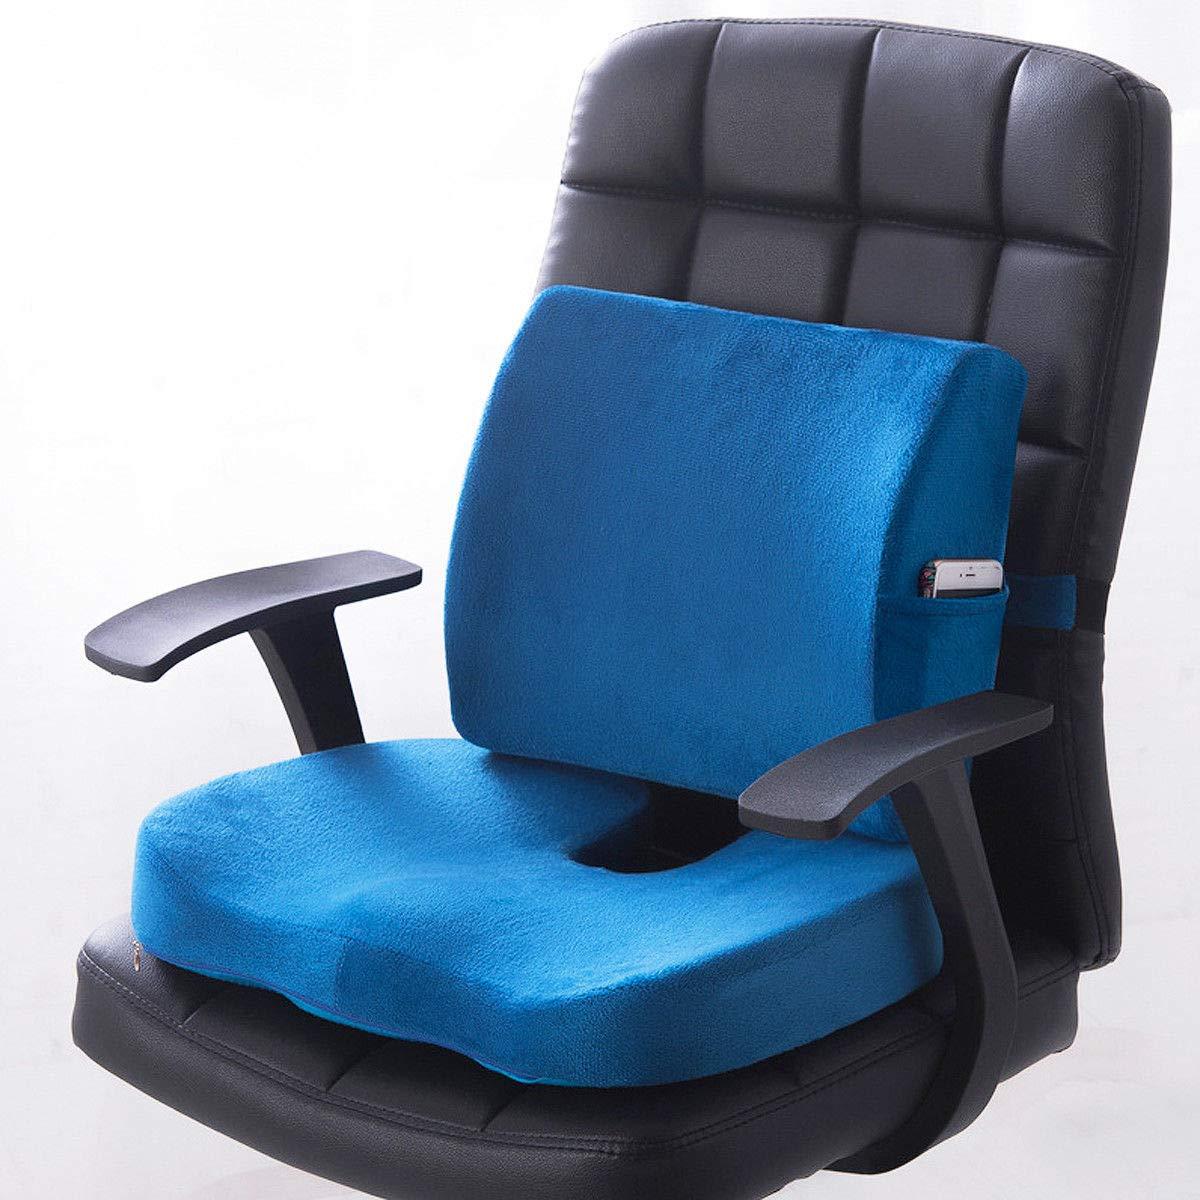 低反発素材腰部クッション バックサポートピロー カーシート 痛み緩和 椅子 ホーム  ブルー B07TZTBXF7